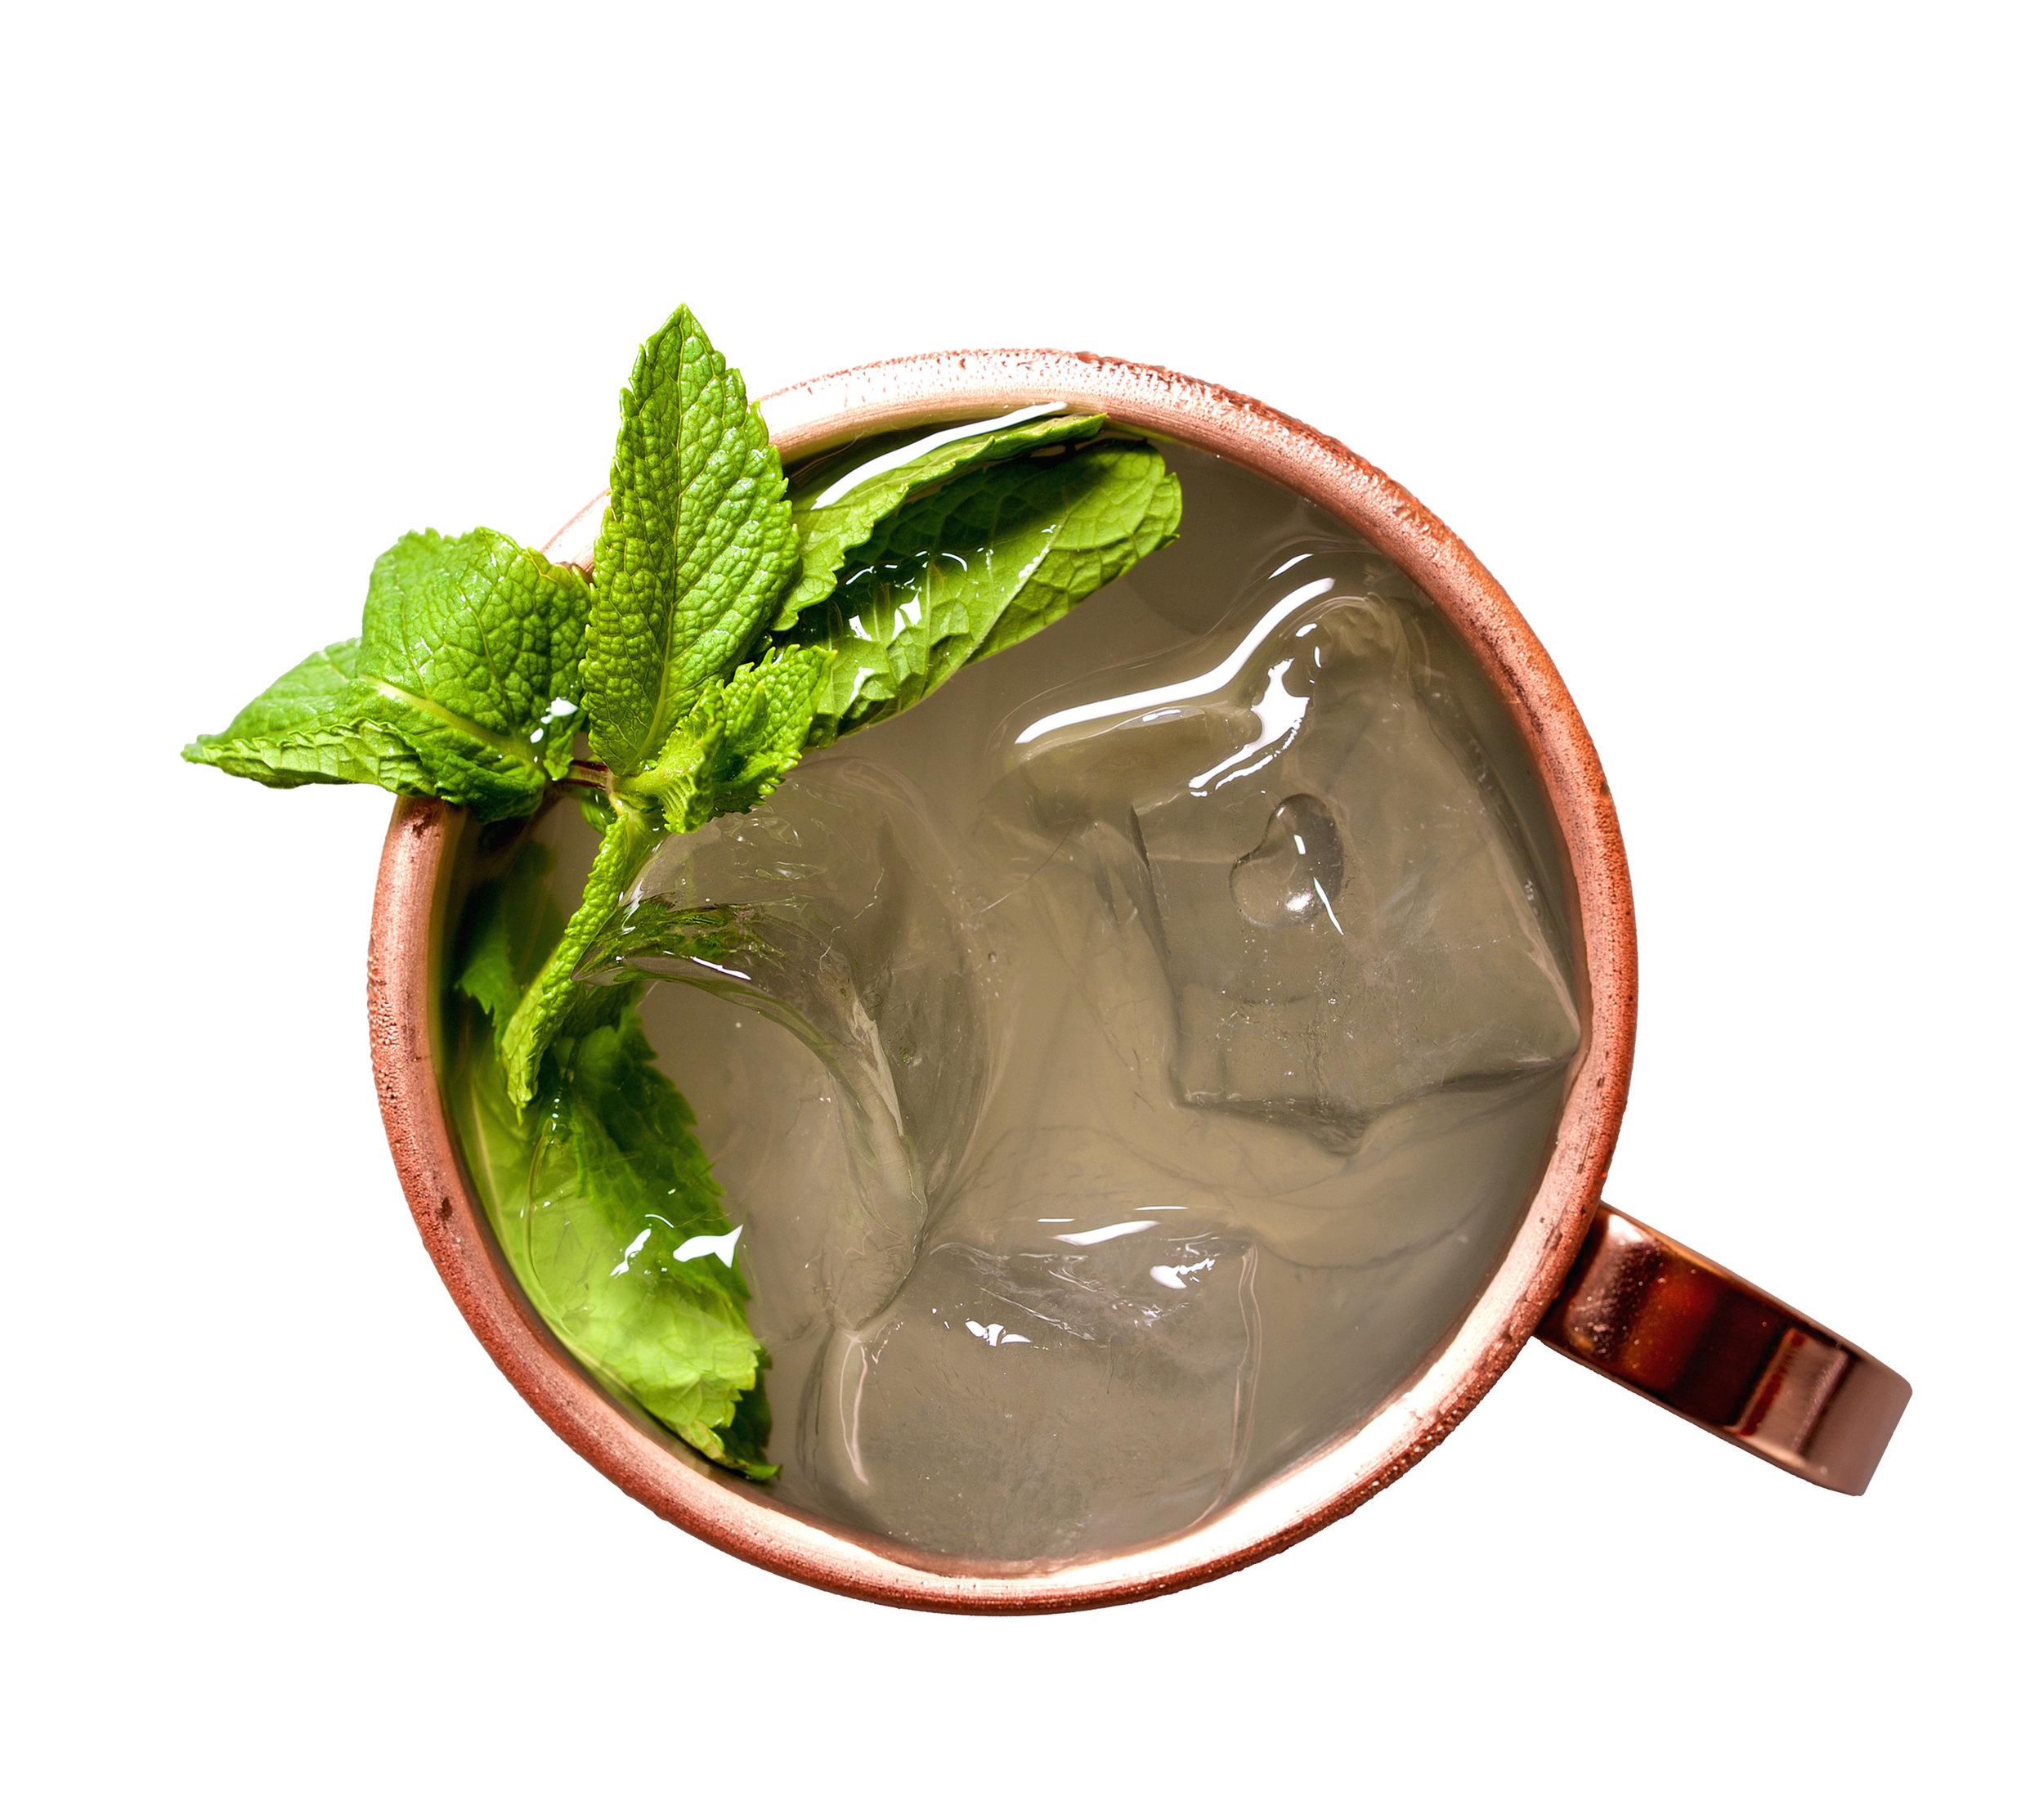 YV_Drink__0004_Yuca Mule.jpg